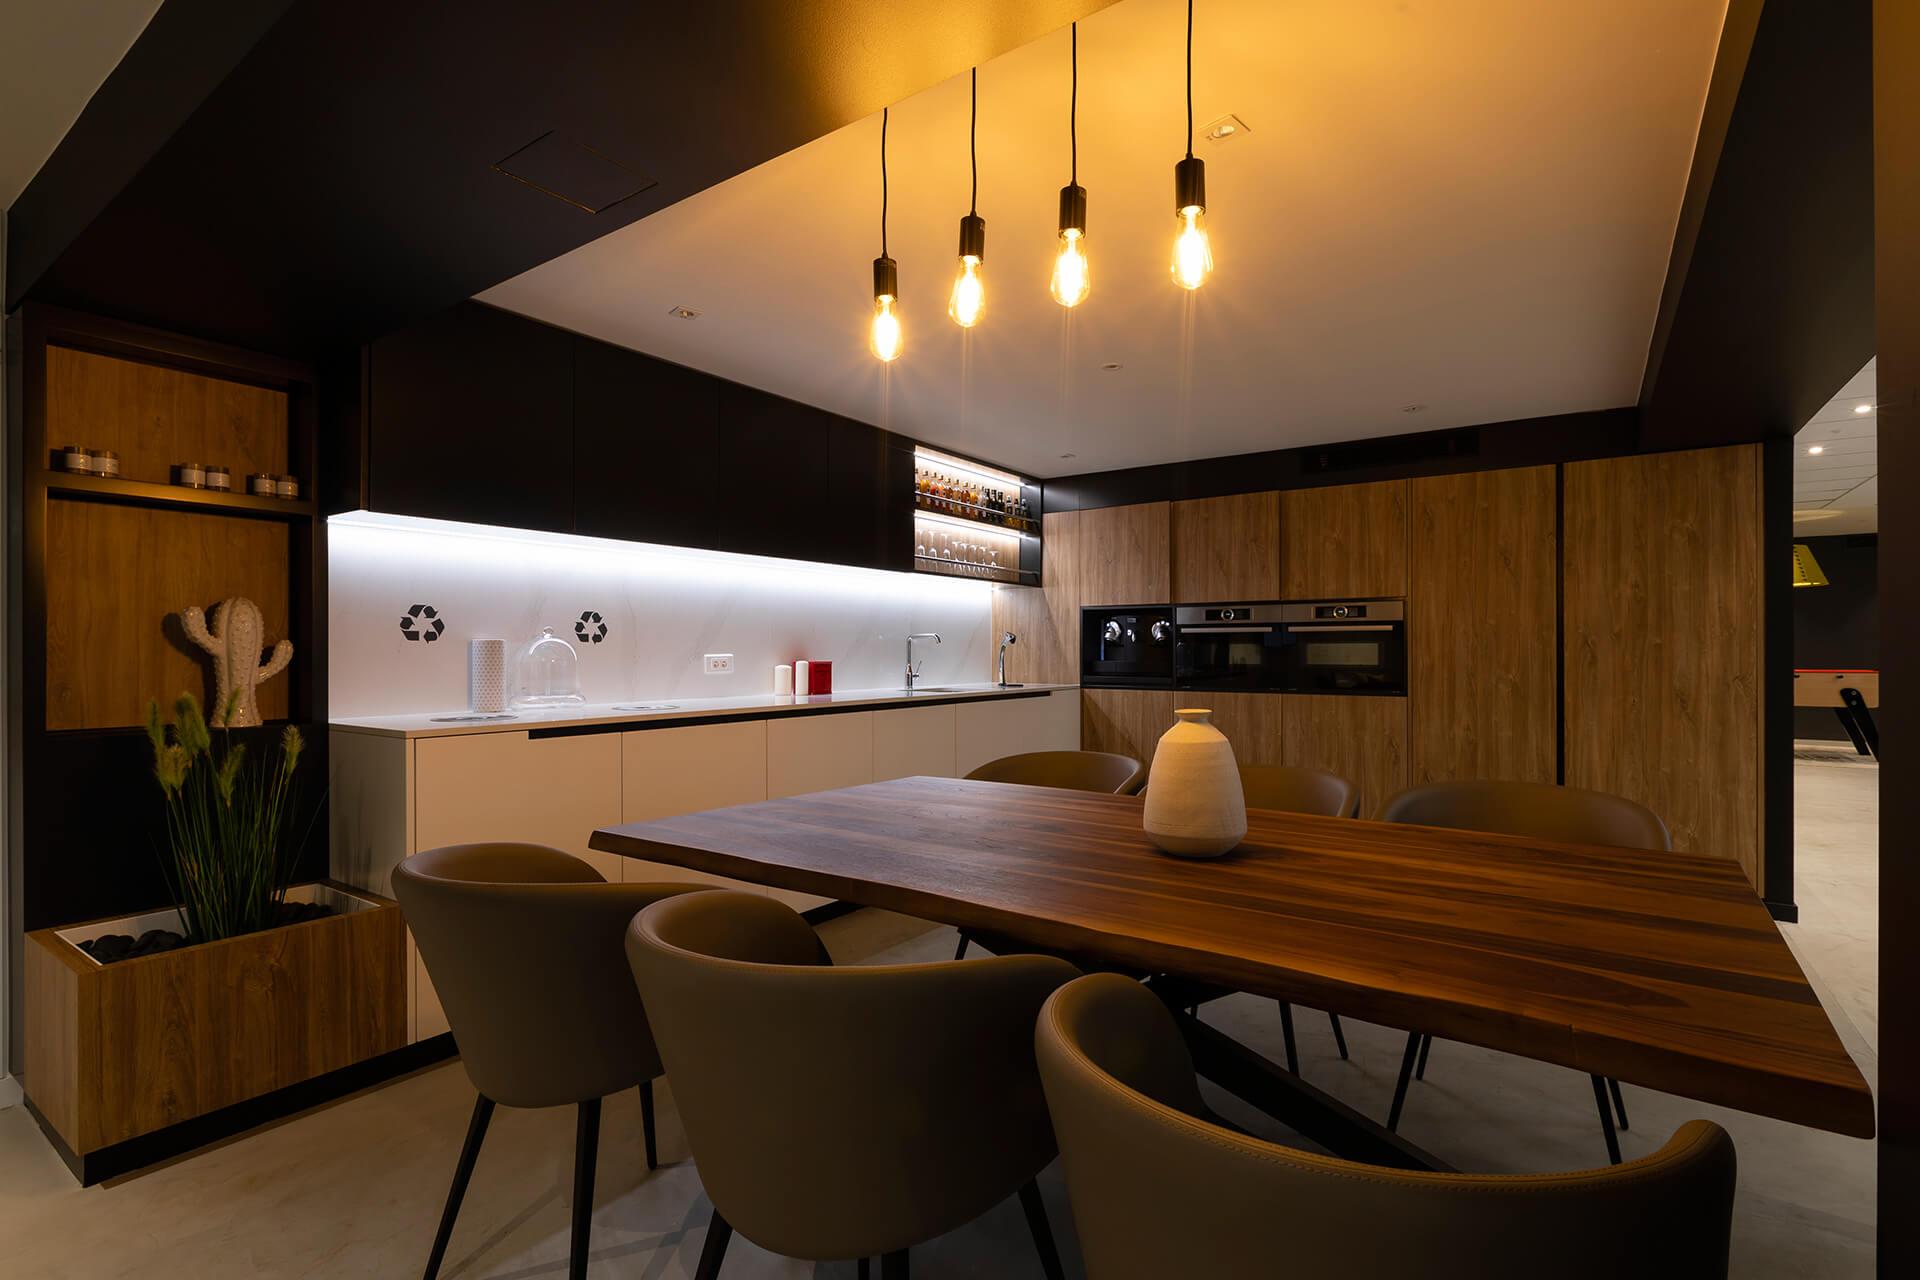 cozinha e área de lazer com armários, mesa e acabamentos em madeira